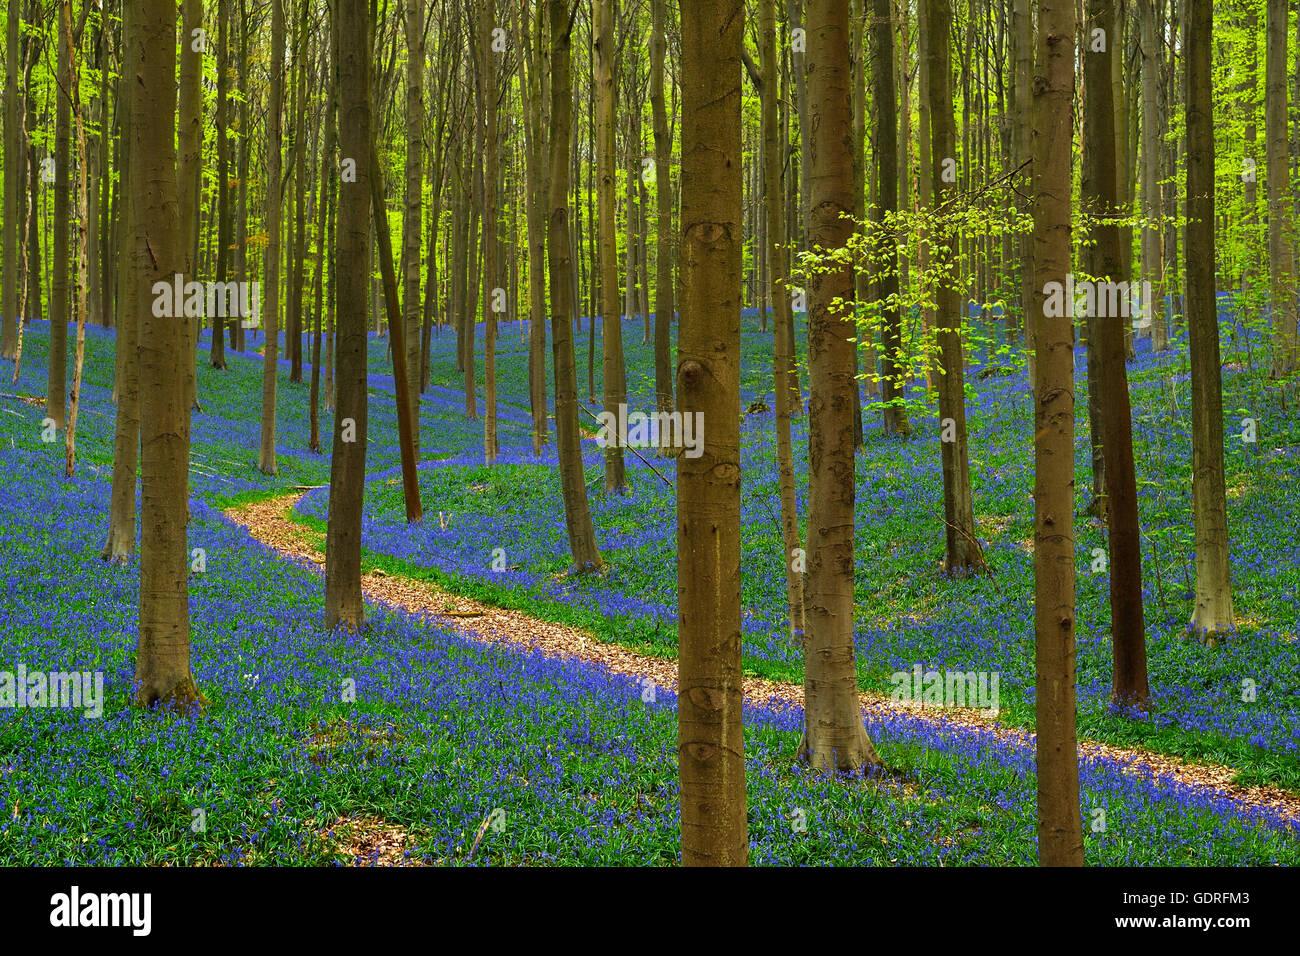 Chemin à travers la forêt, le hêtre (Fagus sylvatica), jacinthes des bois (Hyacinthoides), Hallerbos, Photo Stock